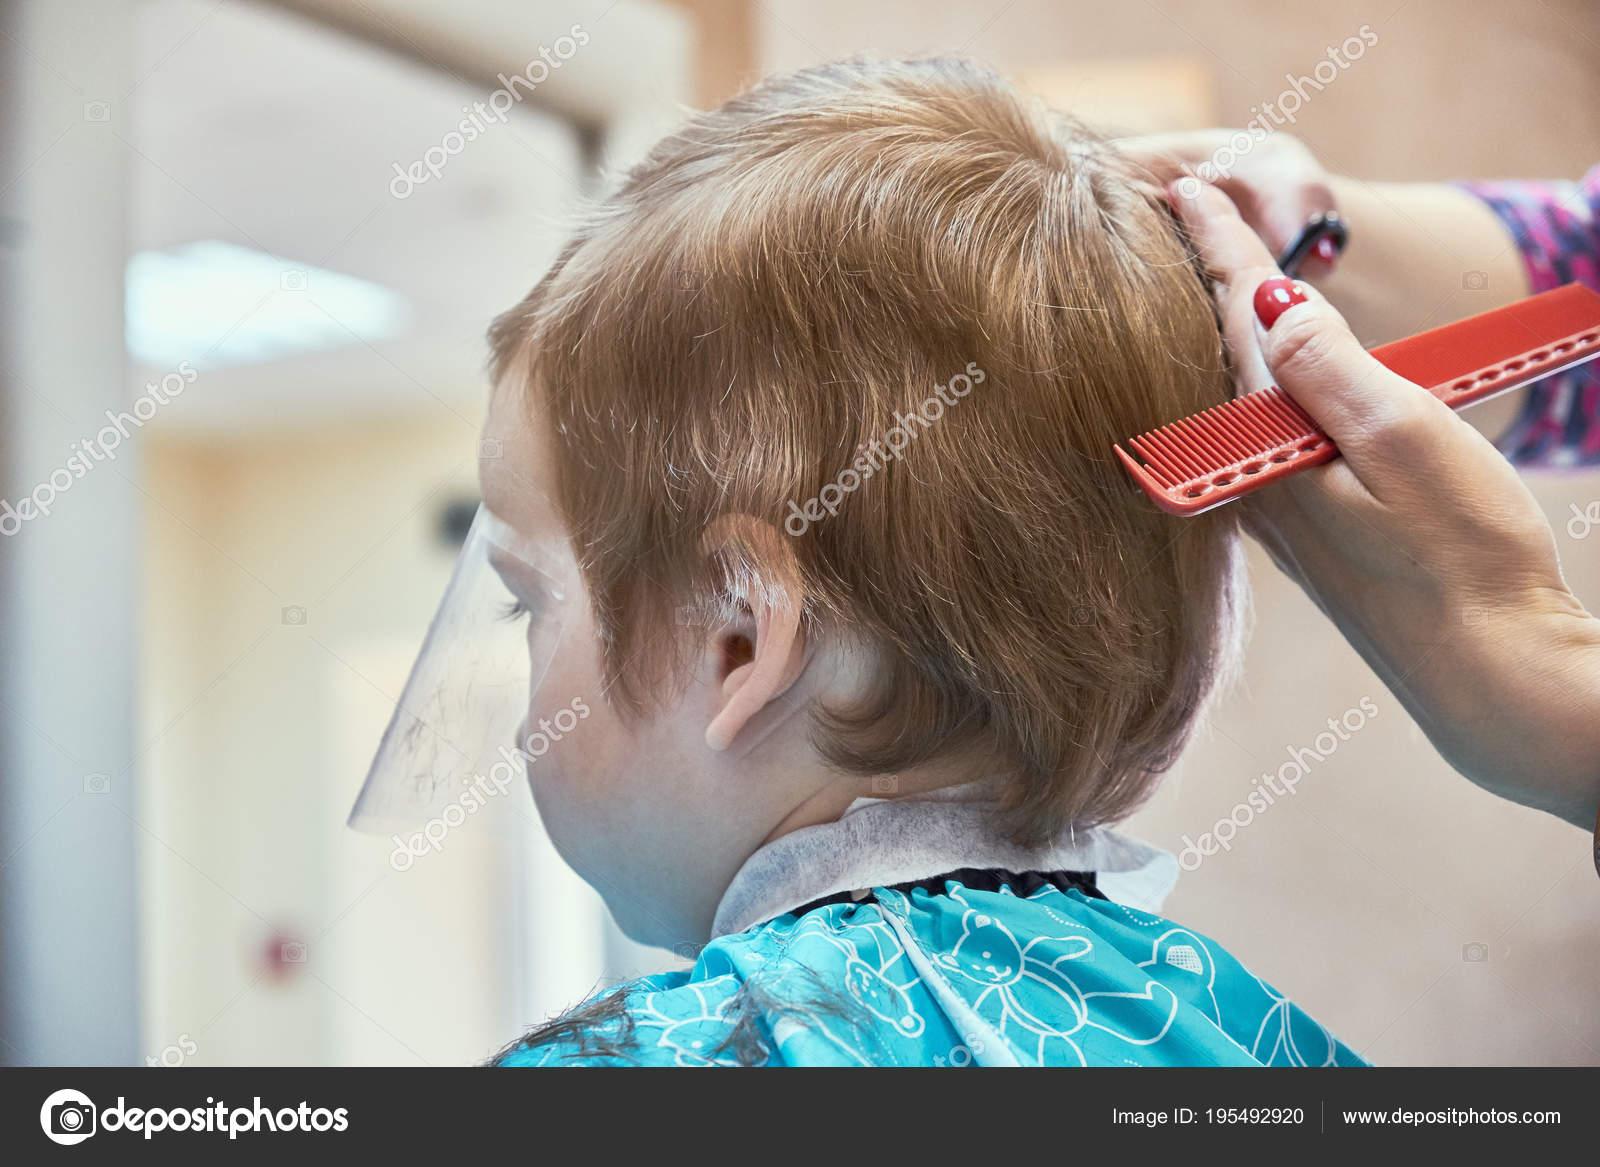 Niedlichen Kleinen Jungen Mit Haare Schneiden Stockfoto